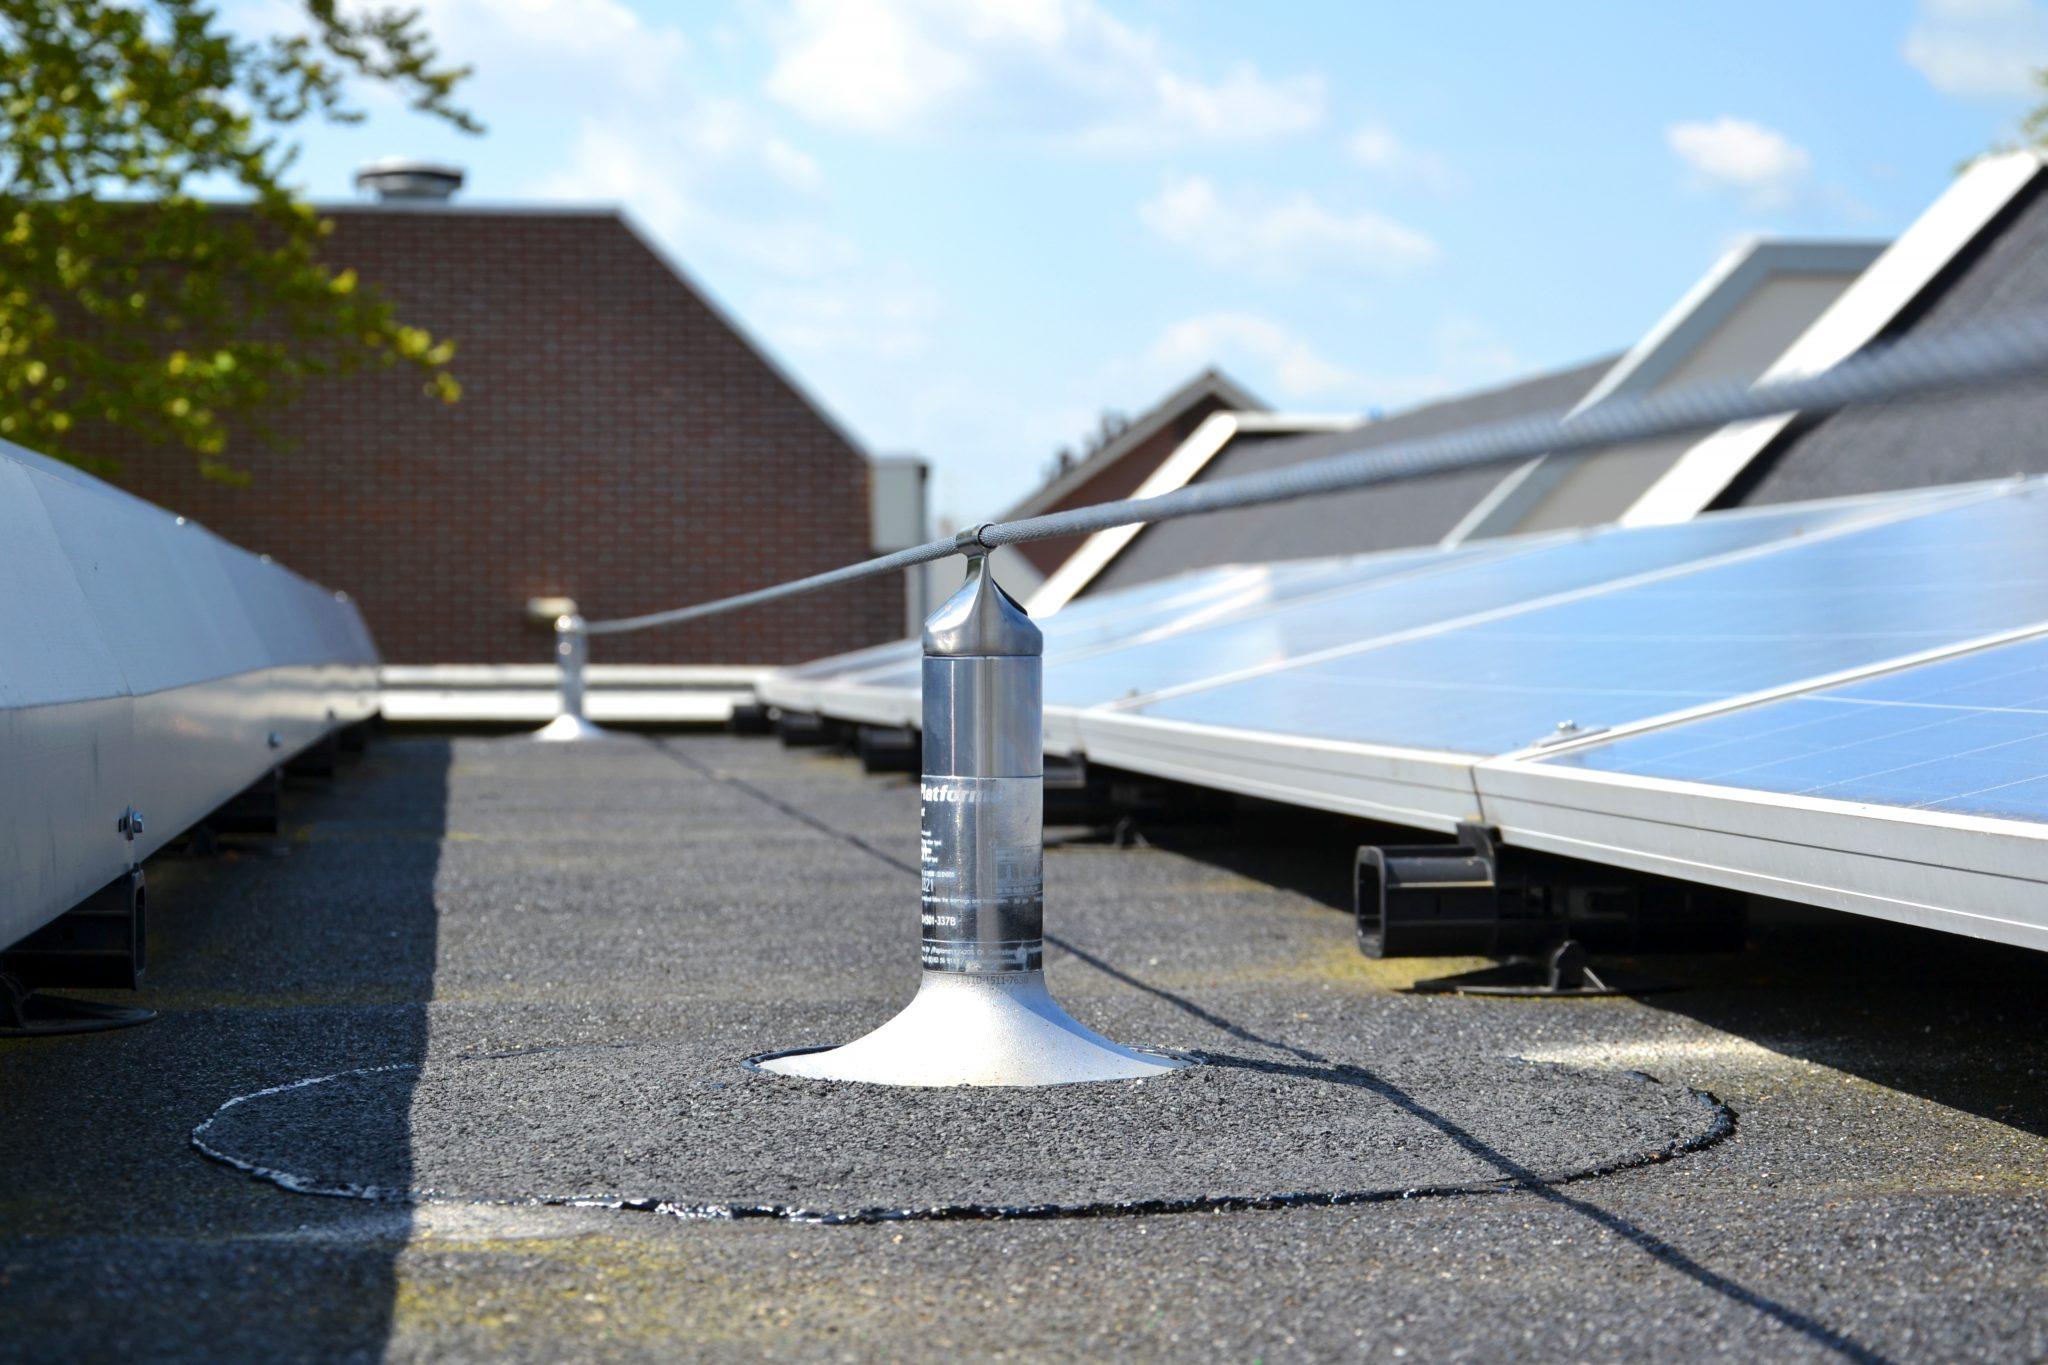 Koops Dakbedekking geeft advies over valbeveiliging en zonnepanelen